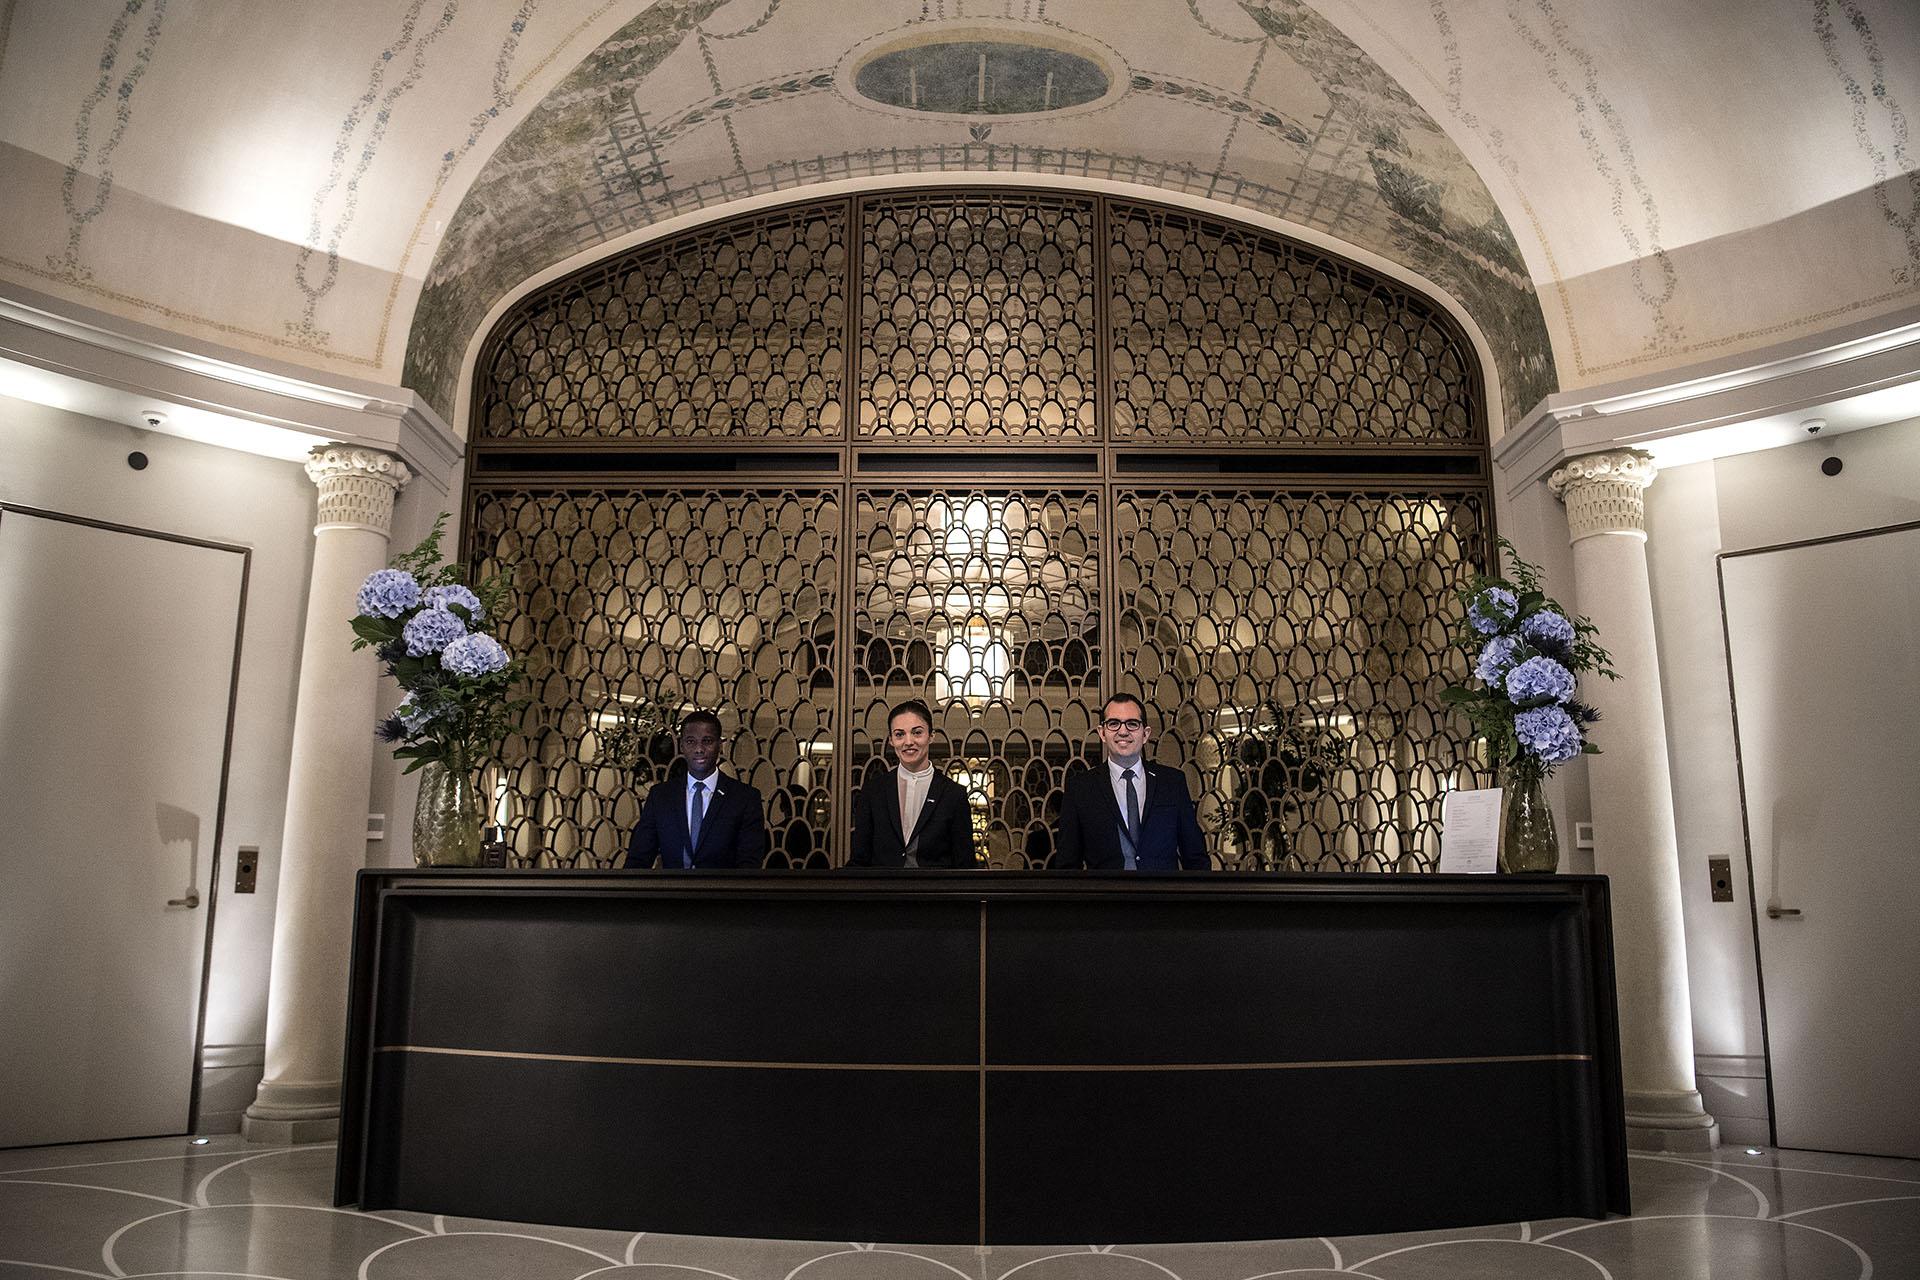 La recepción del Hotel Lutecia, recientemente restaurado (AFP PHOTO / Christophe ARCHAMBAULT)